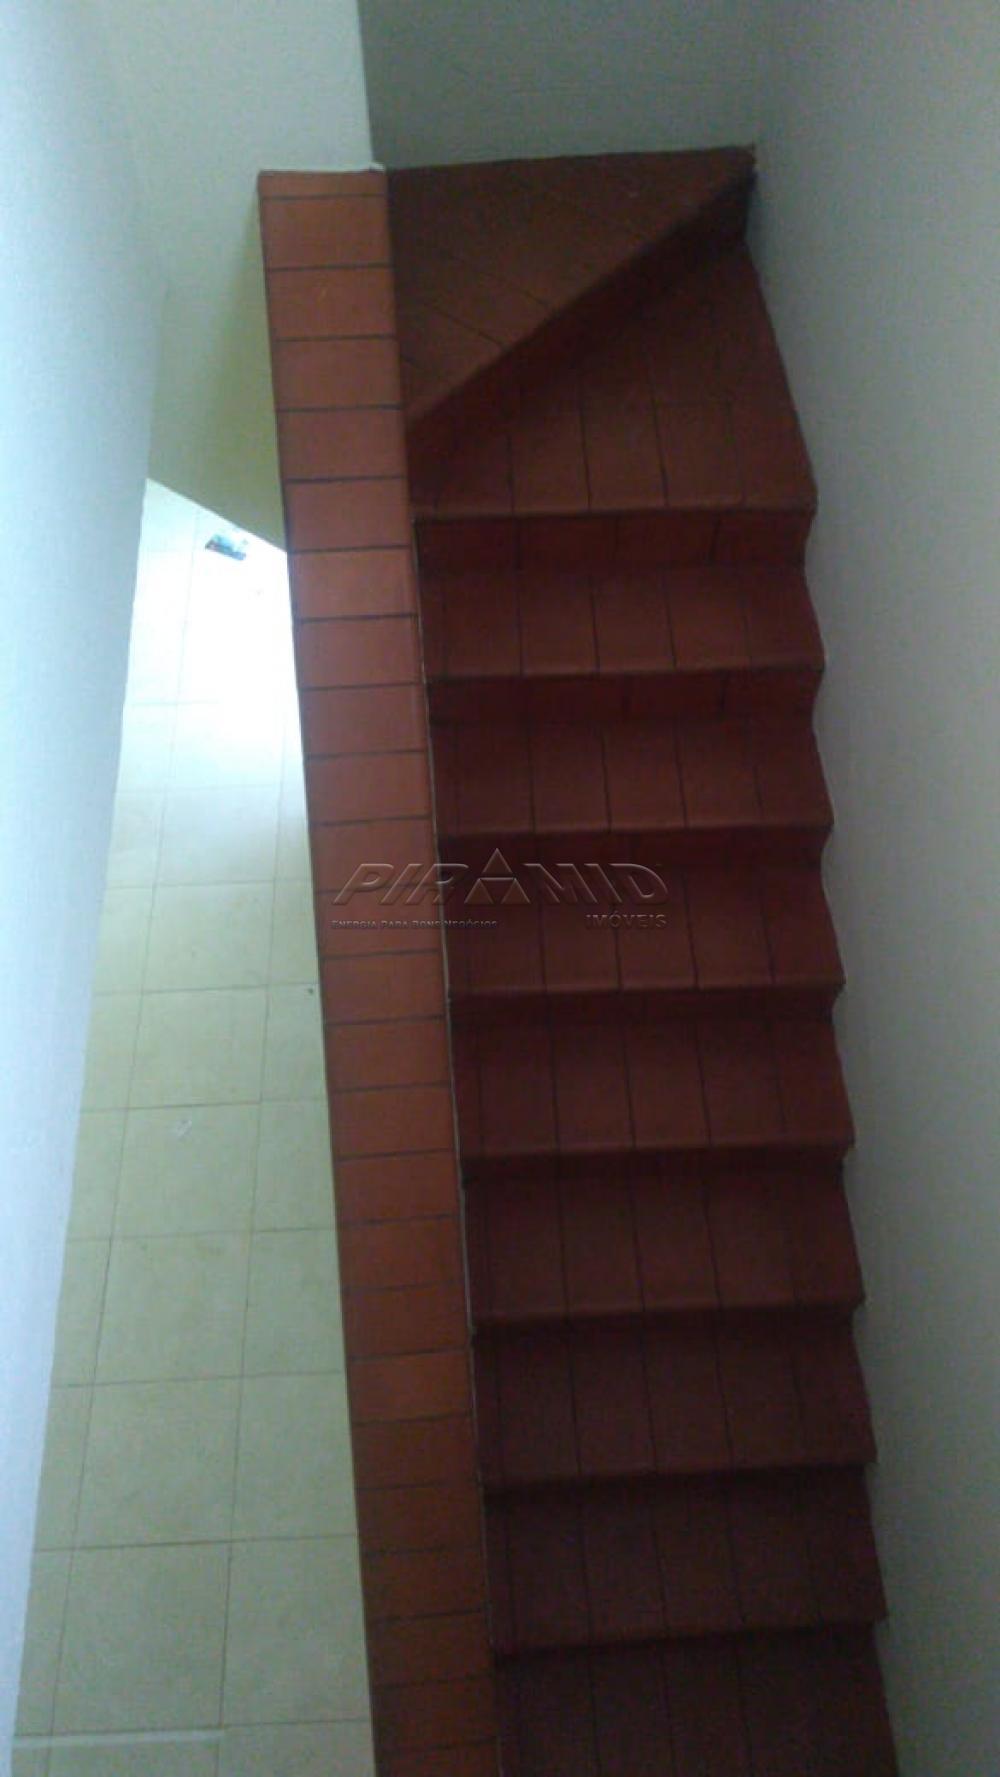 Alugar Comercial / Prédio em Ribeirão Preto apenas R$ 3.500,00 - Foto 12